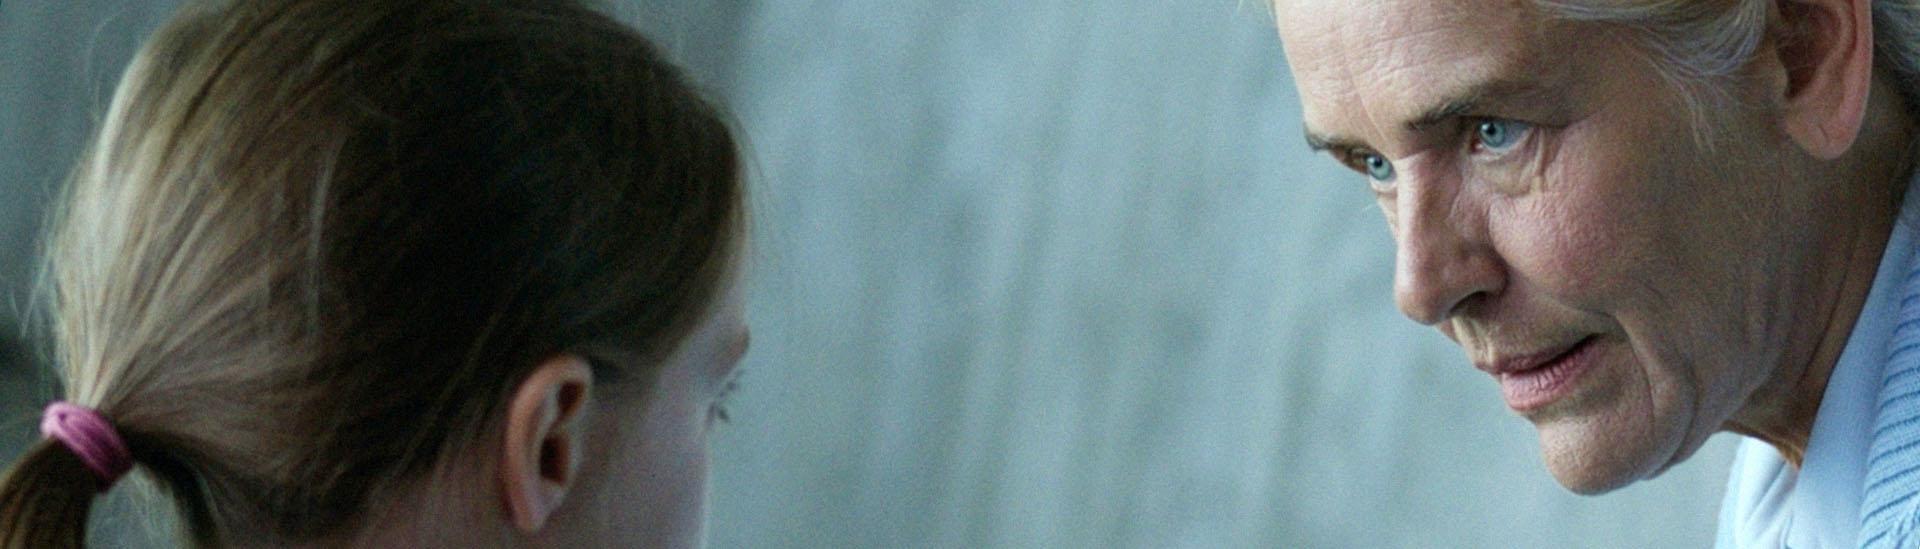 Baner filmu 'Obce Niebo'